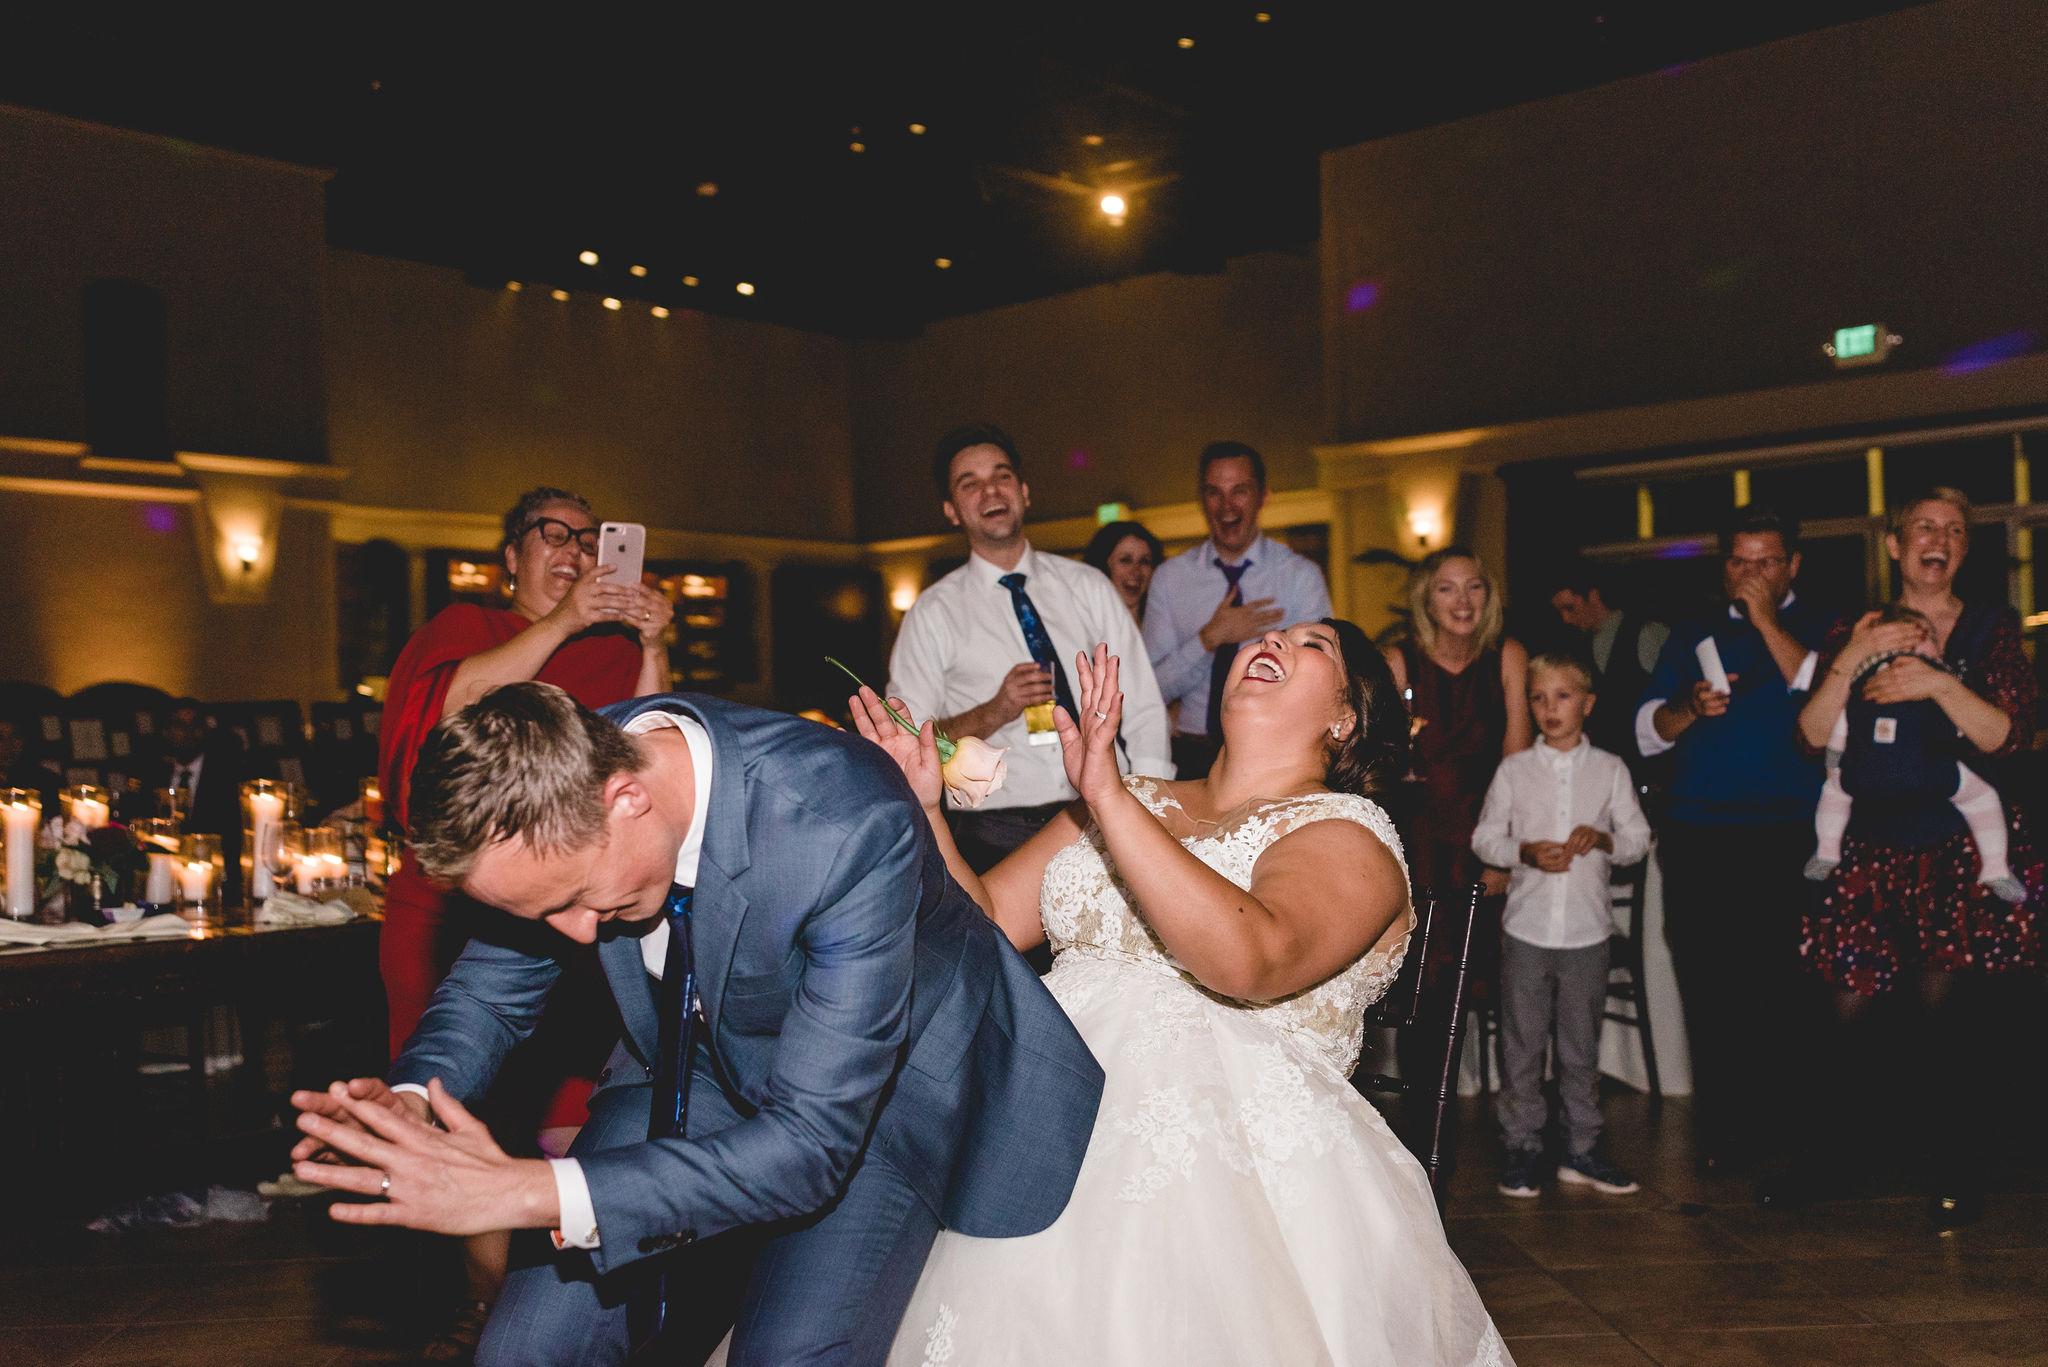 rokes_wedding-reception-467.jpg